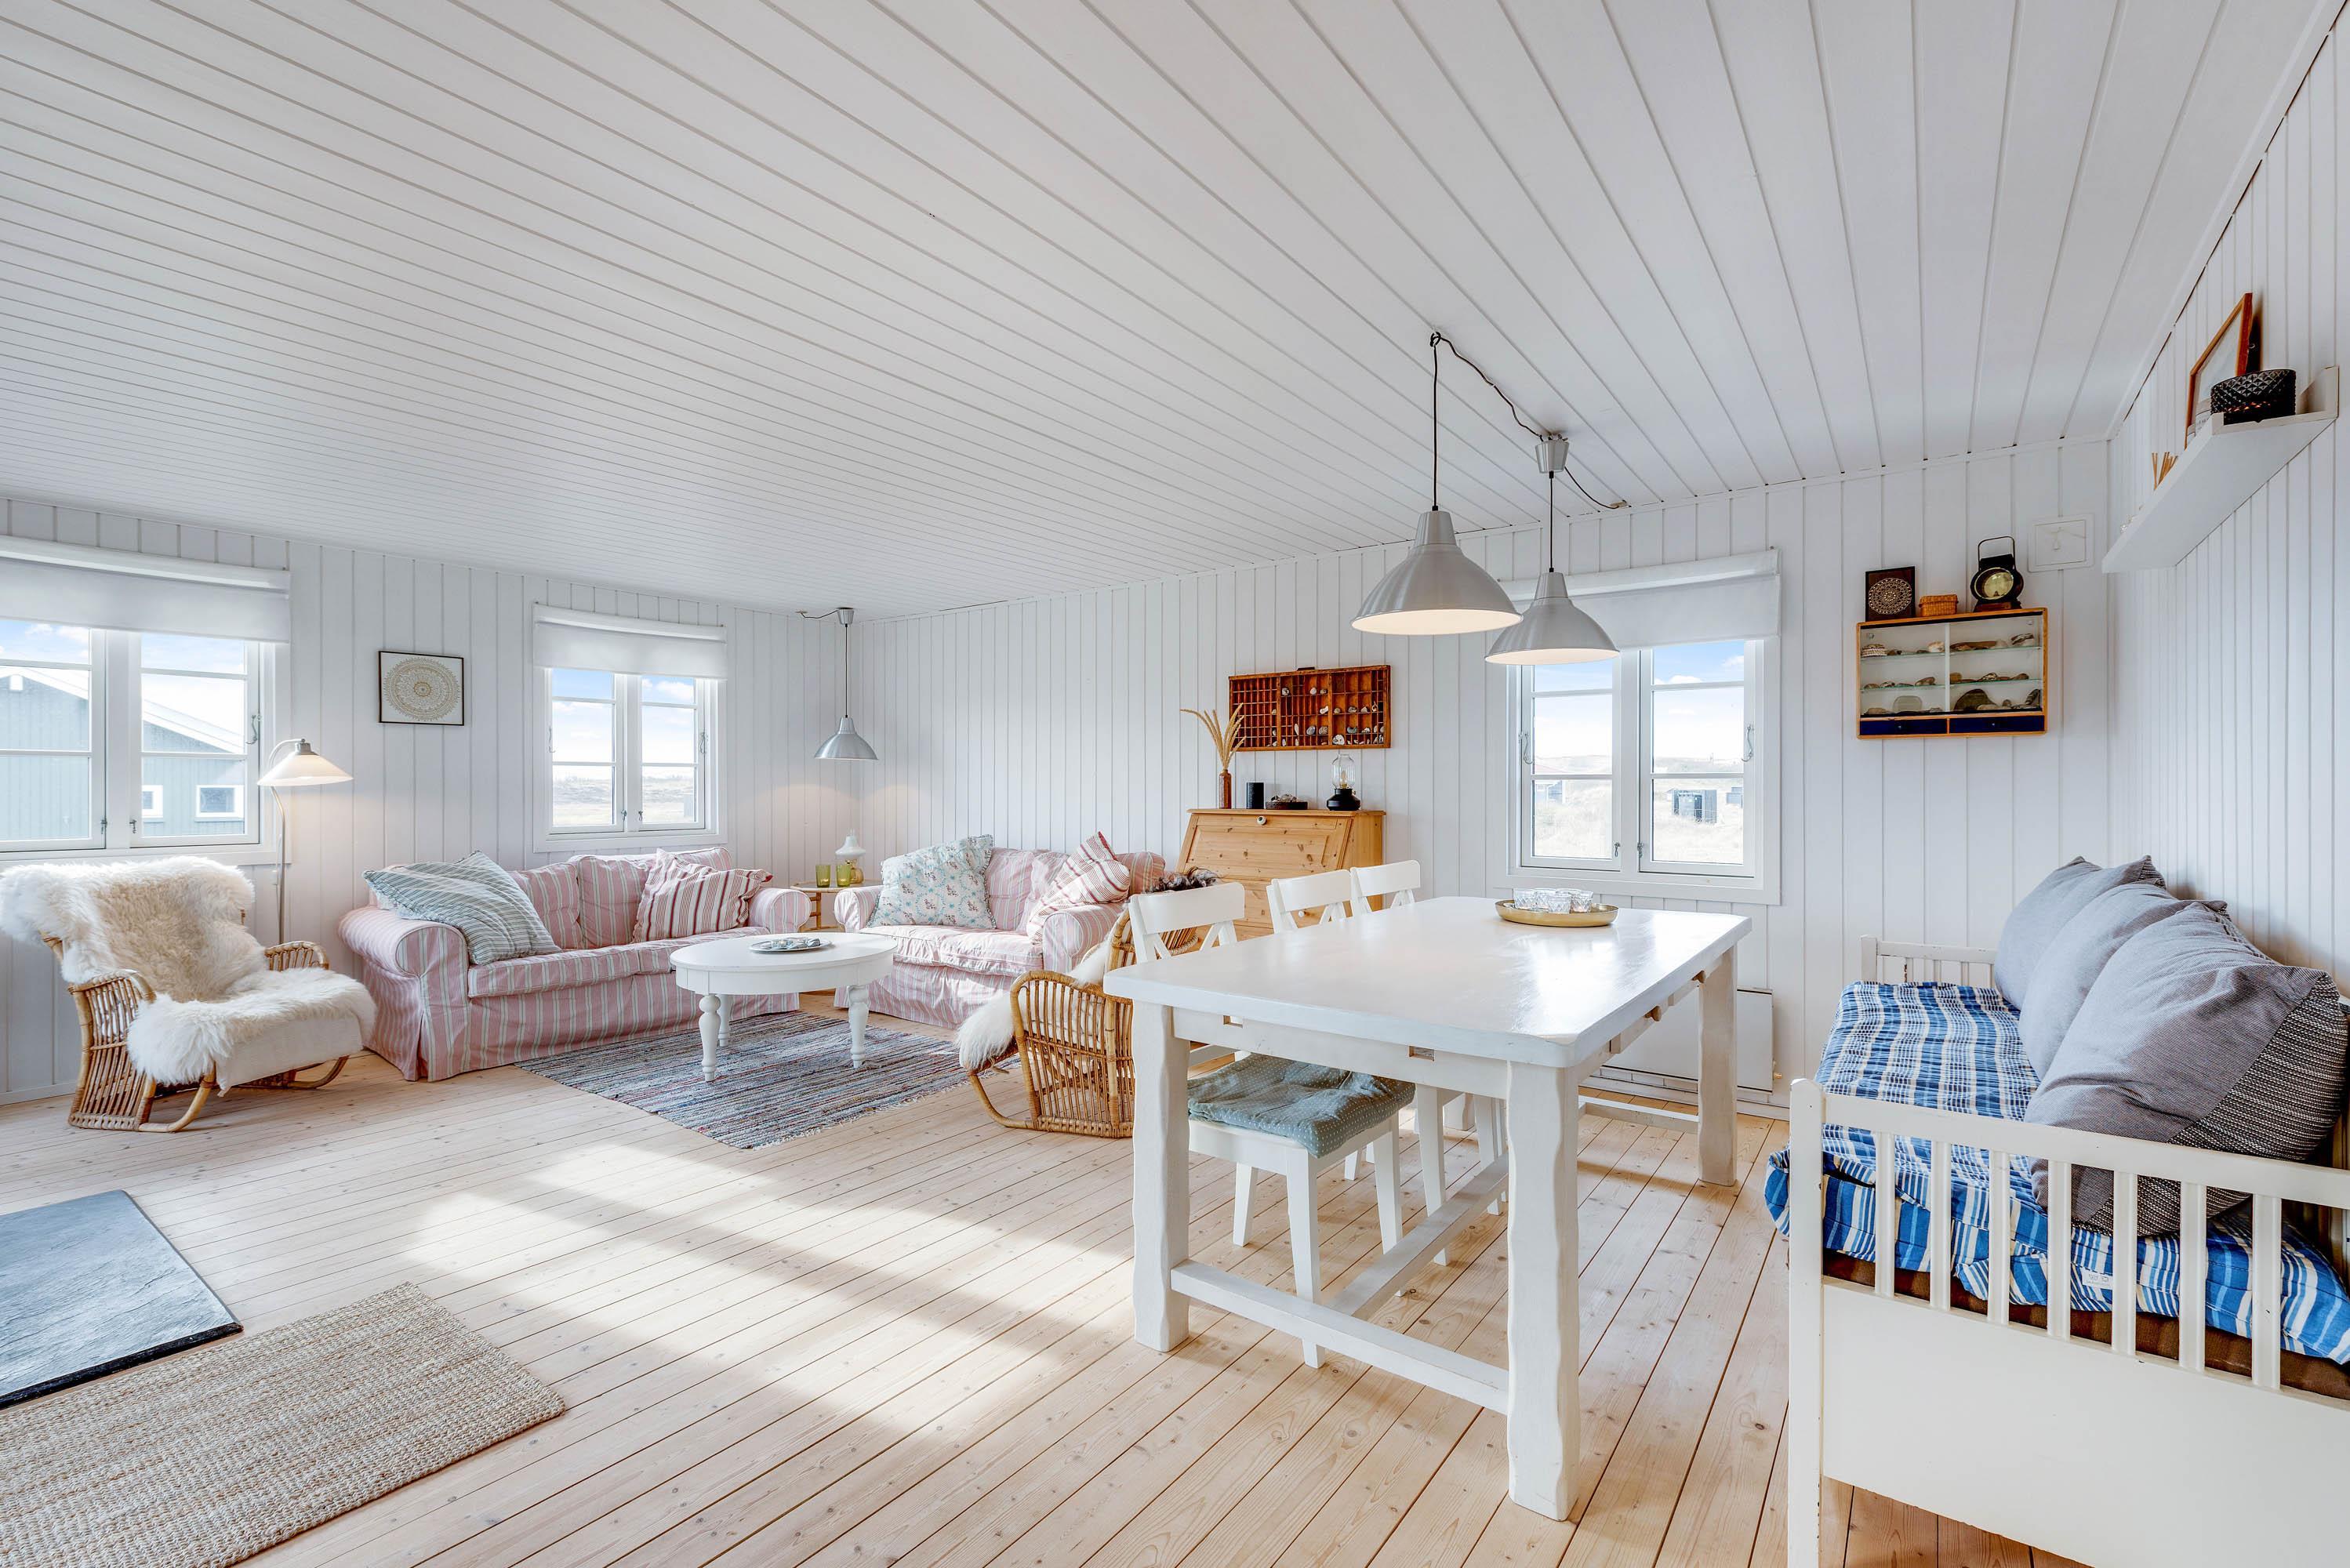 Gemütliches Holzhaus mit Kaminofen (Bild 8)